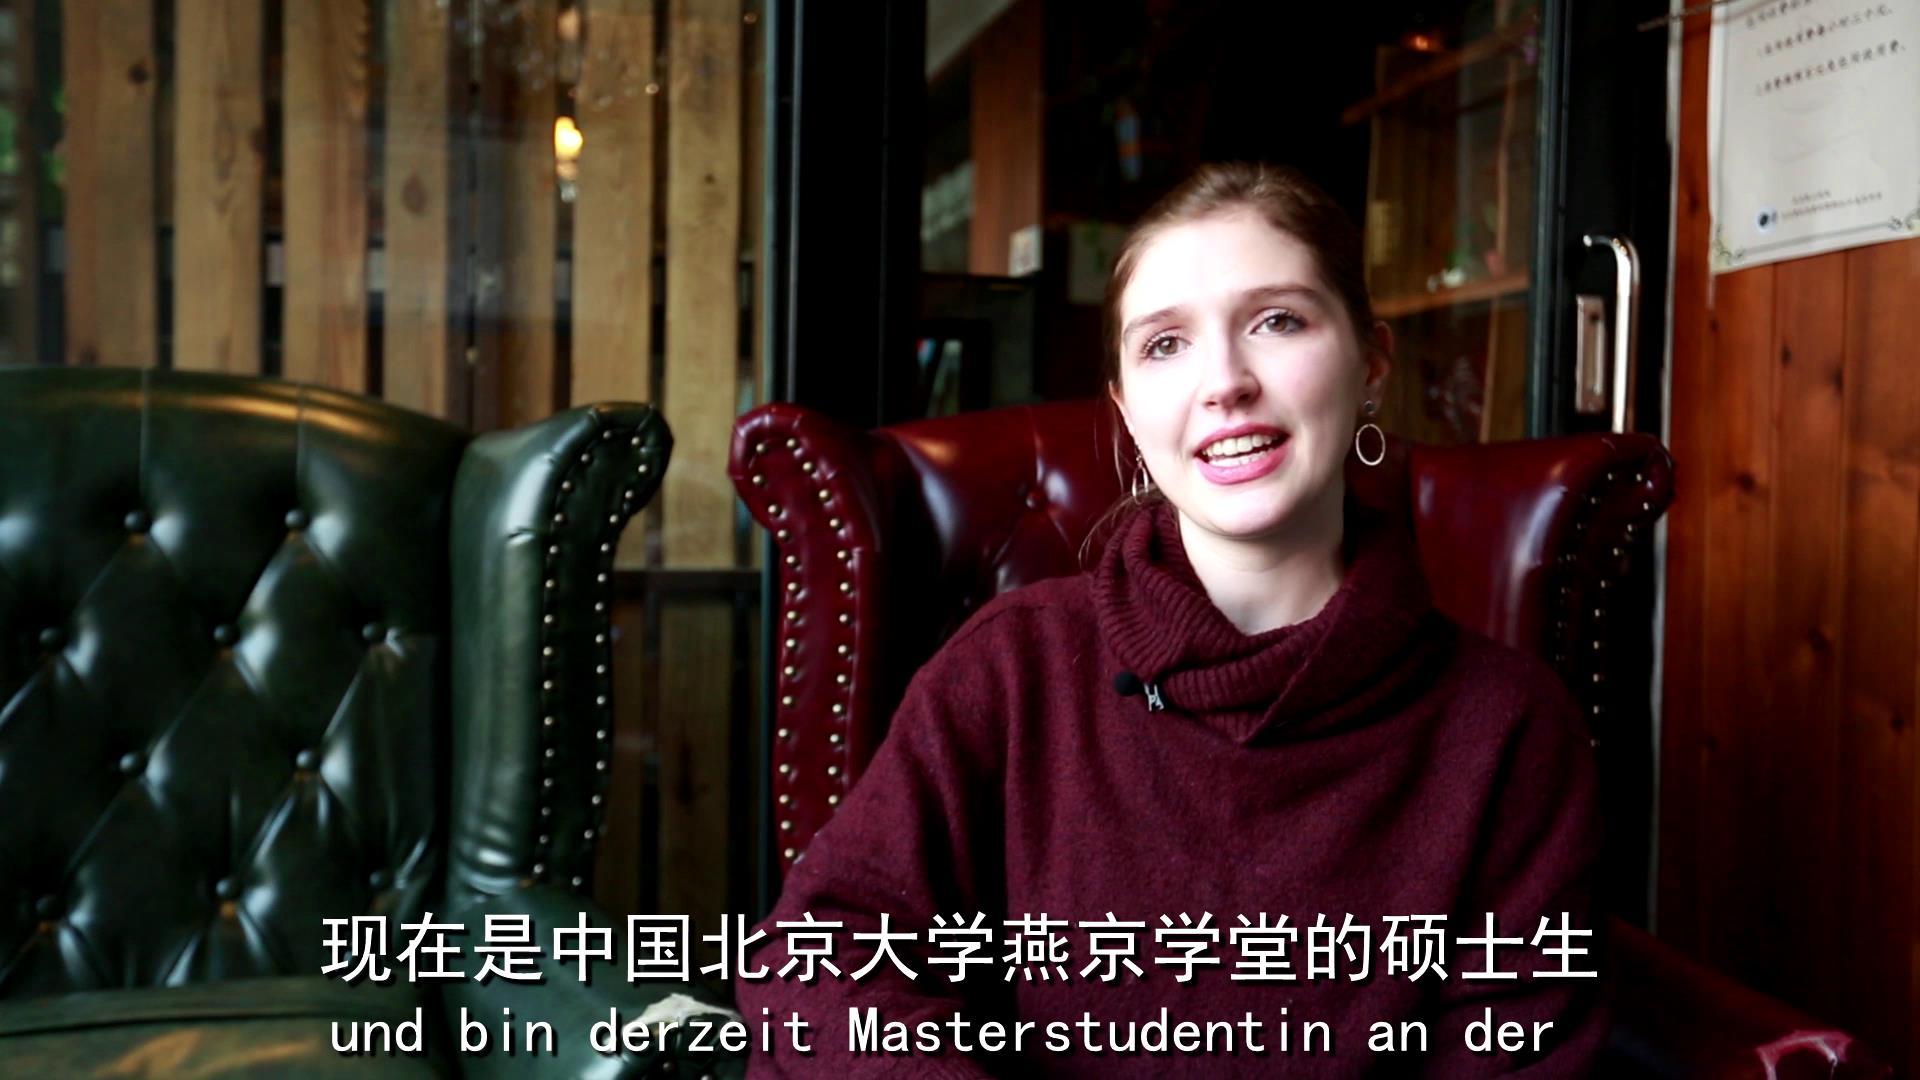 【辉煌七十载?老外在中国】德国研究生:中国的生态环境持续改善图片